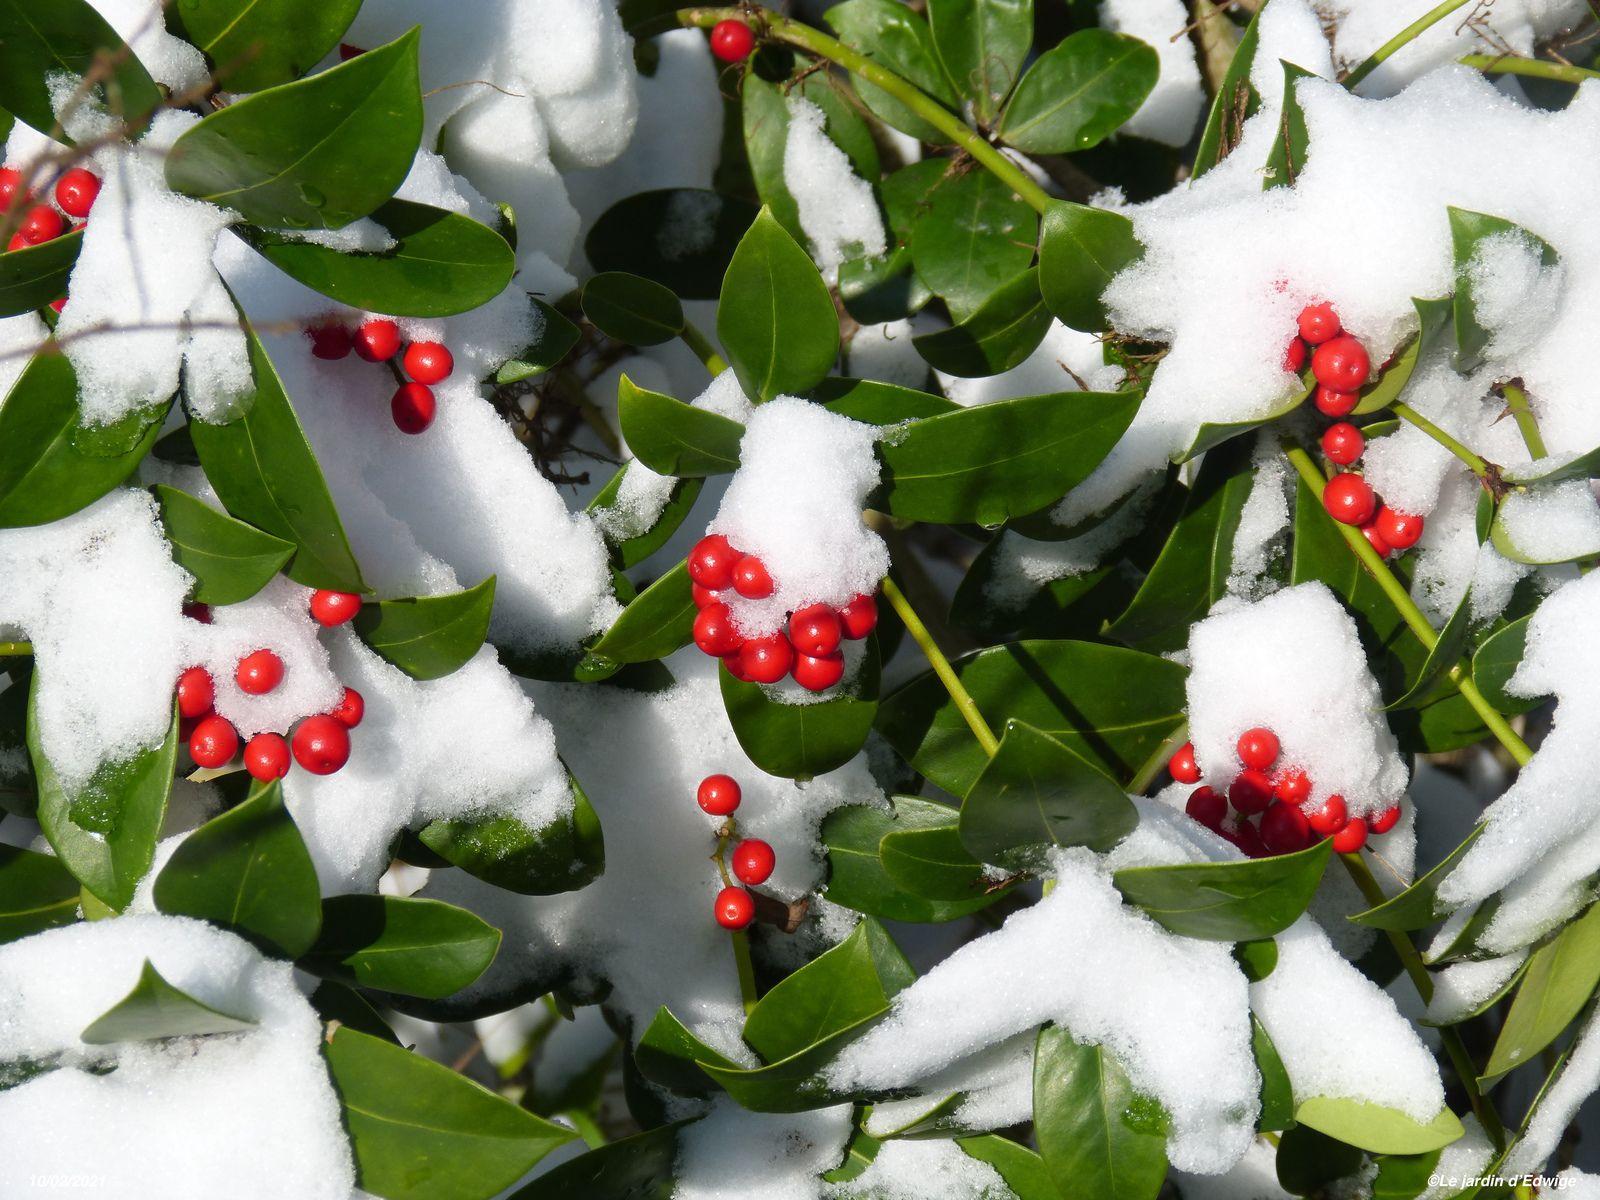 Beauté d'hiver au jardin.